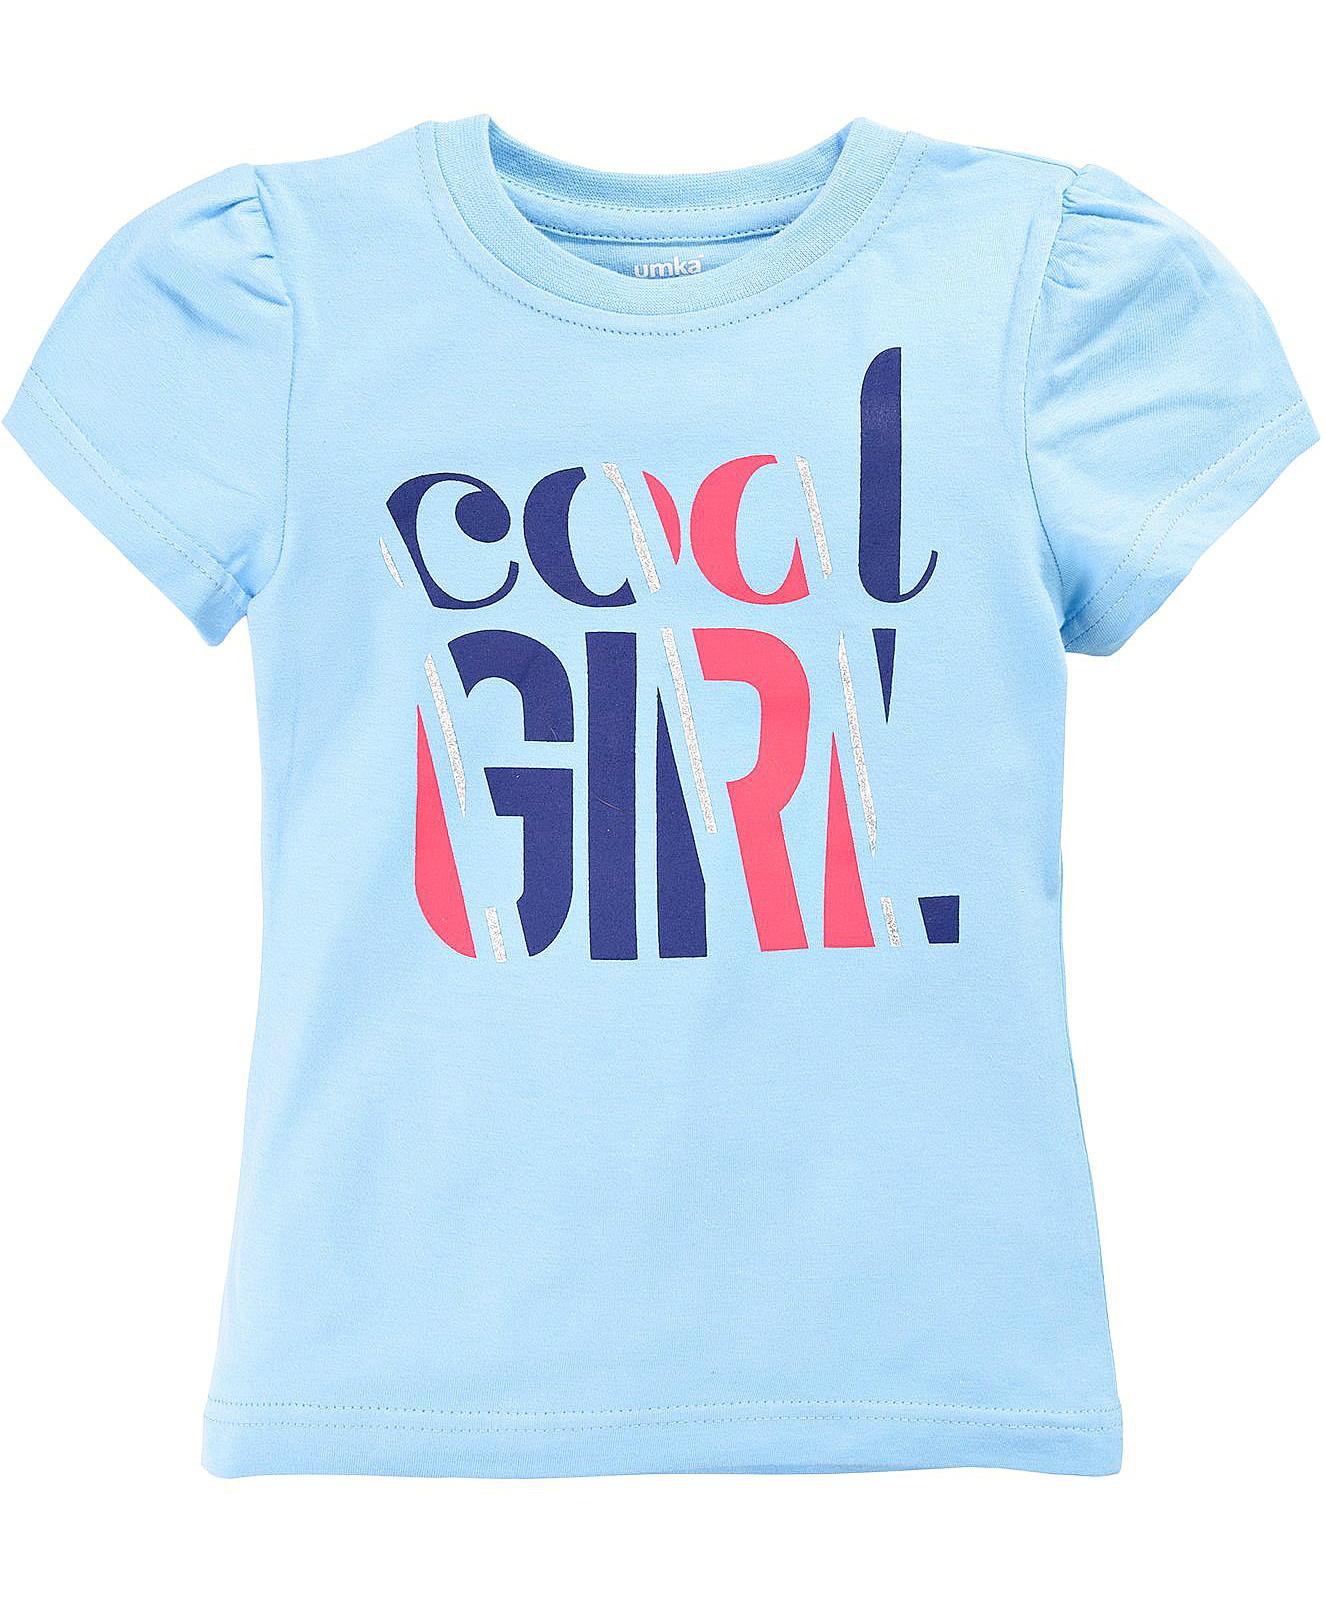 Футболка для девочки с блестящим принтом